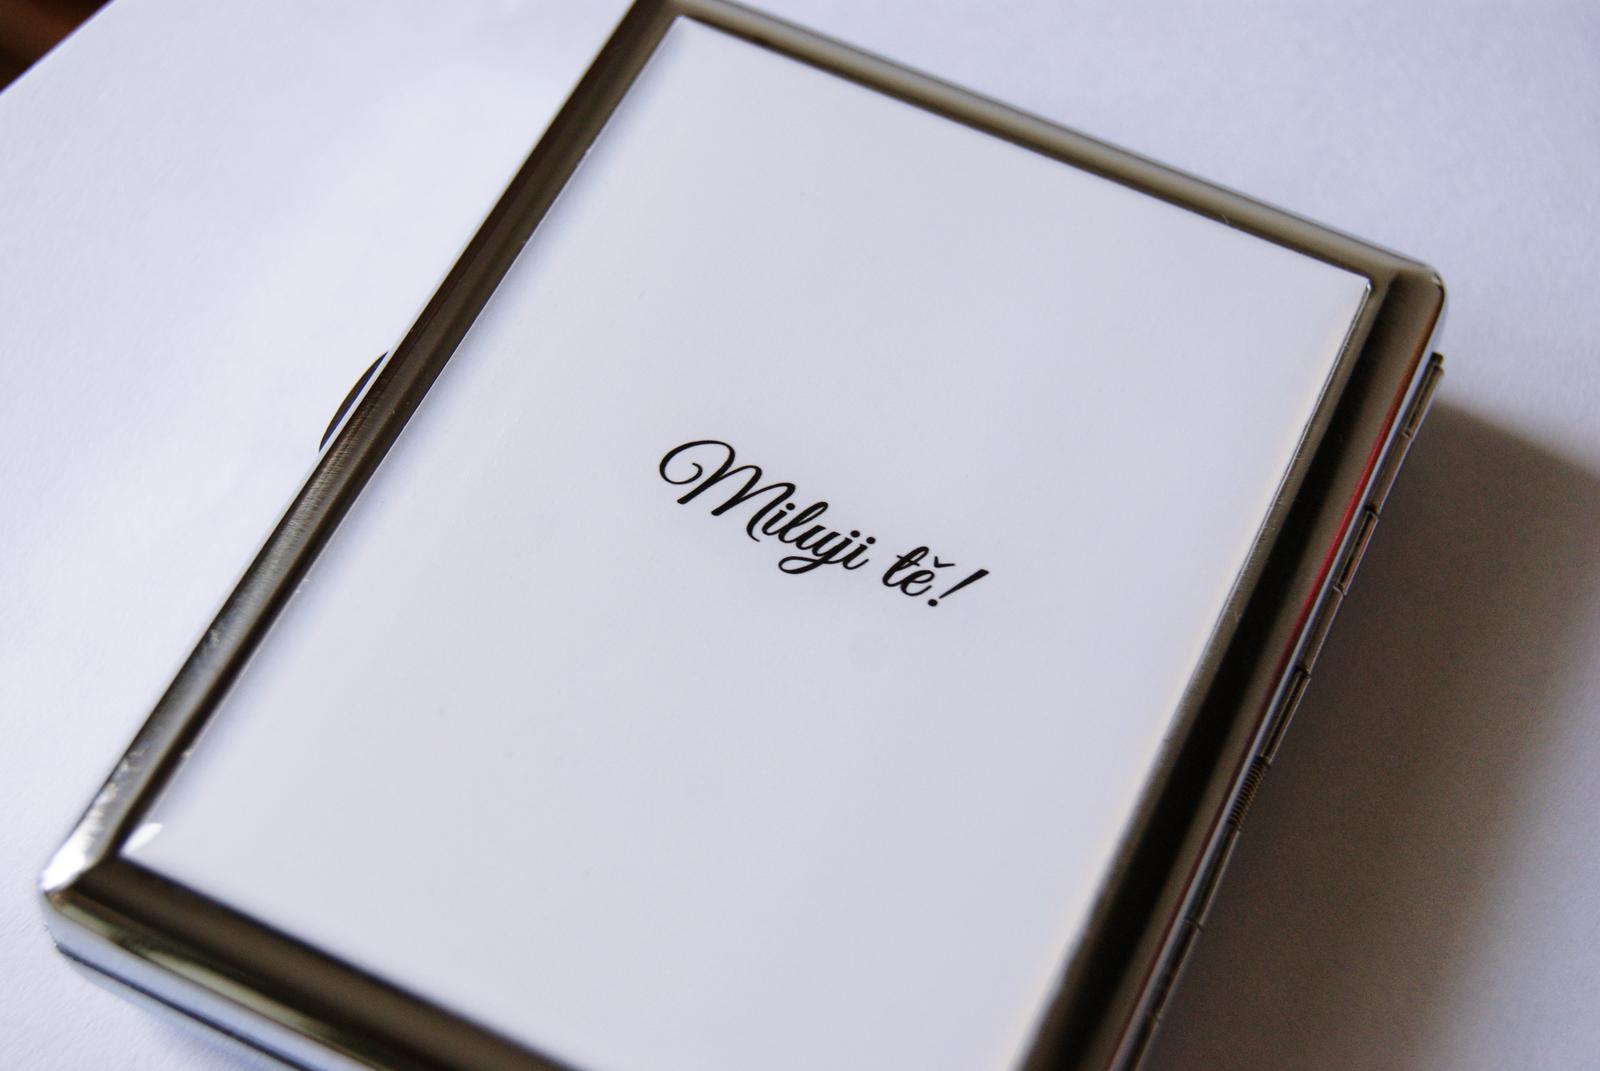 Svatby roku 2017 - Pro návrh vlastního šperku na přání využijte náš formulář na eshopu: http://bit.ly/_sperky_na_prani